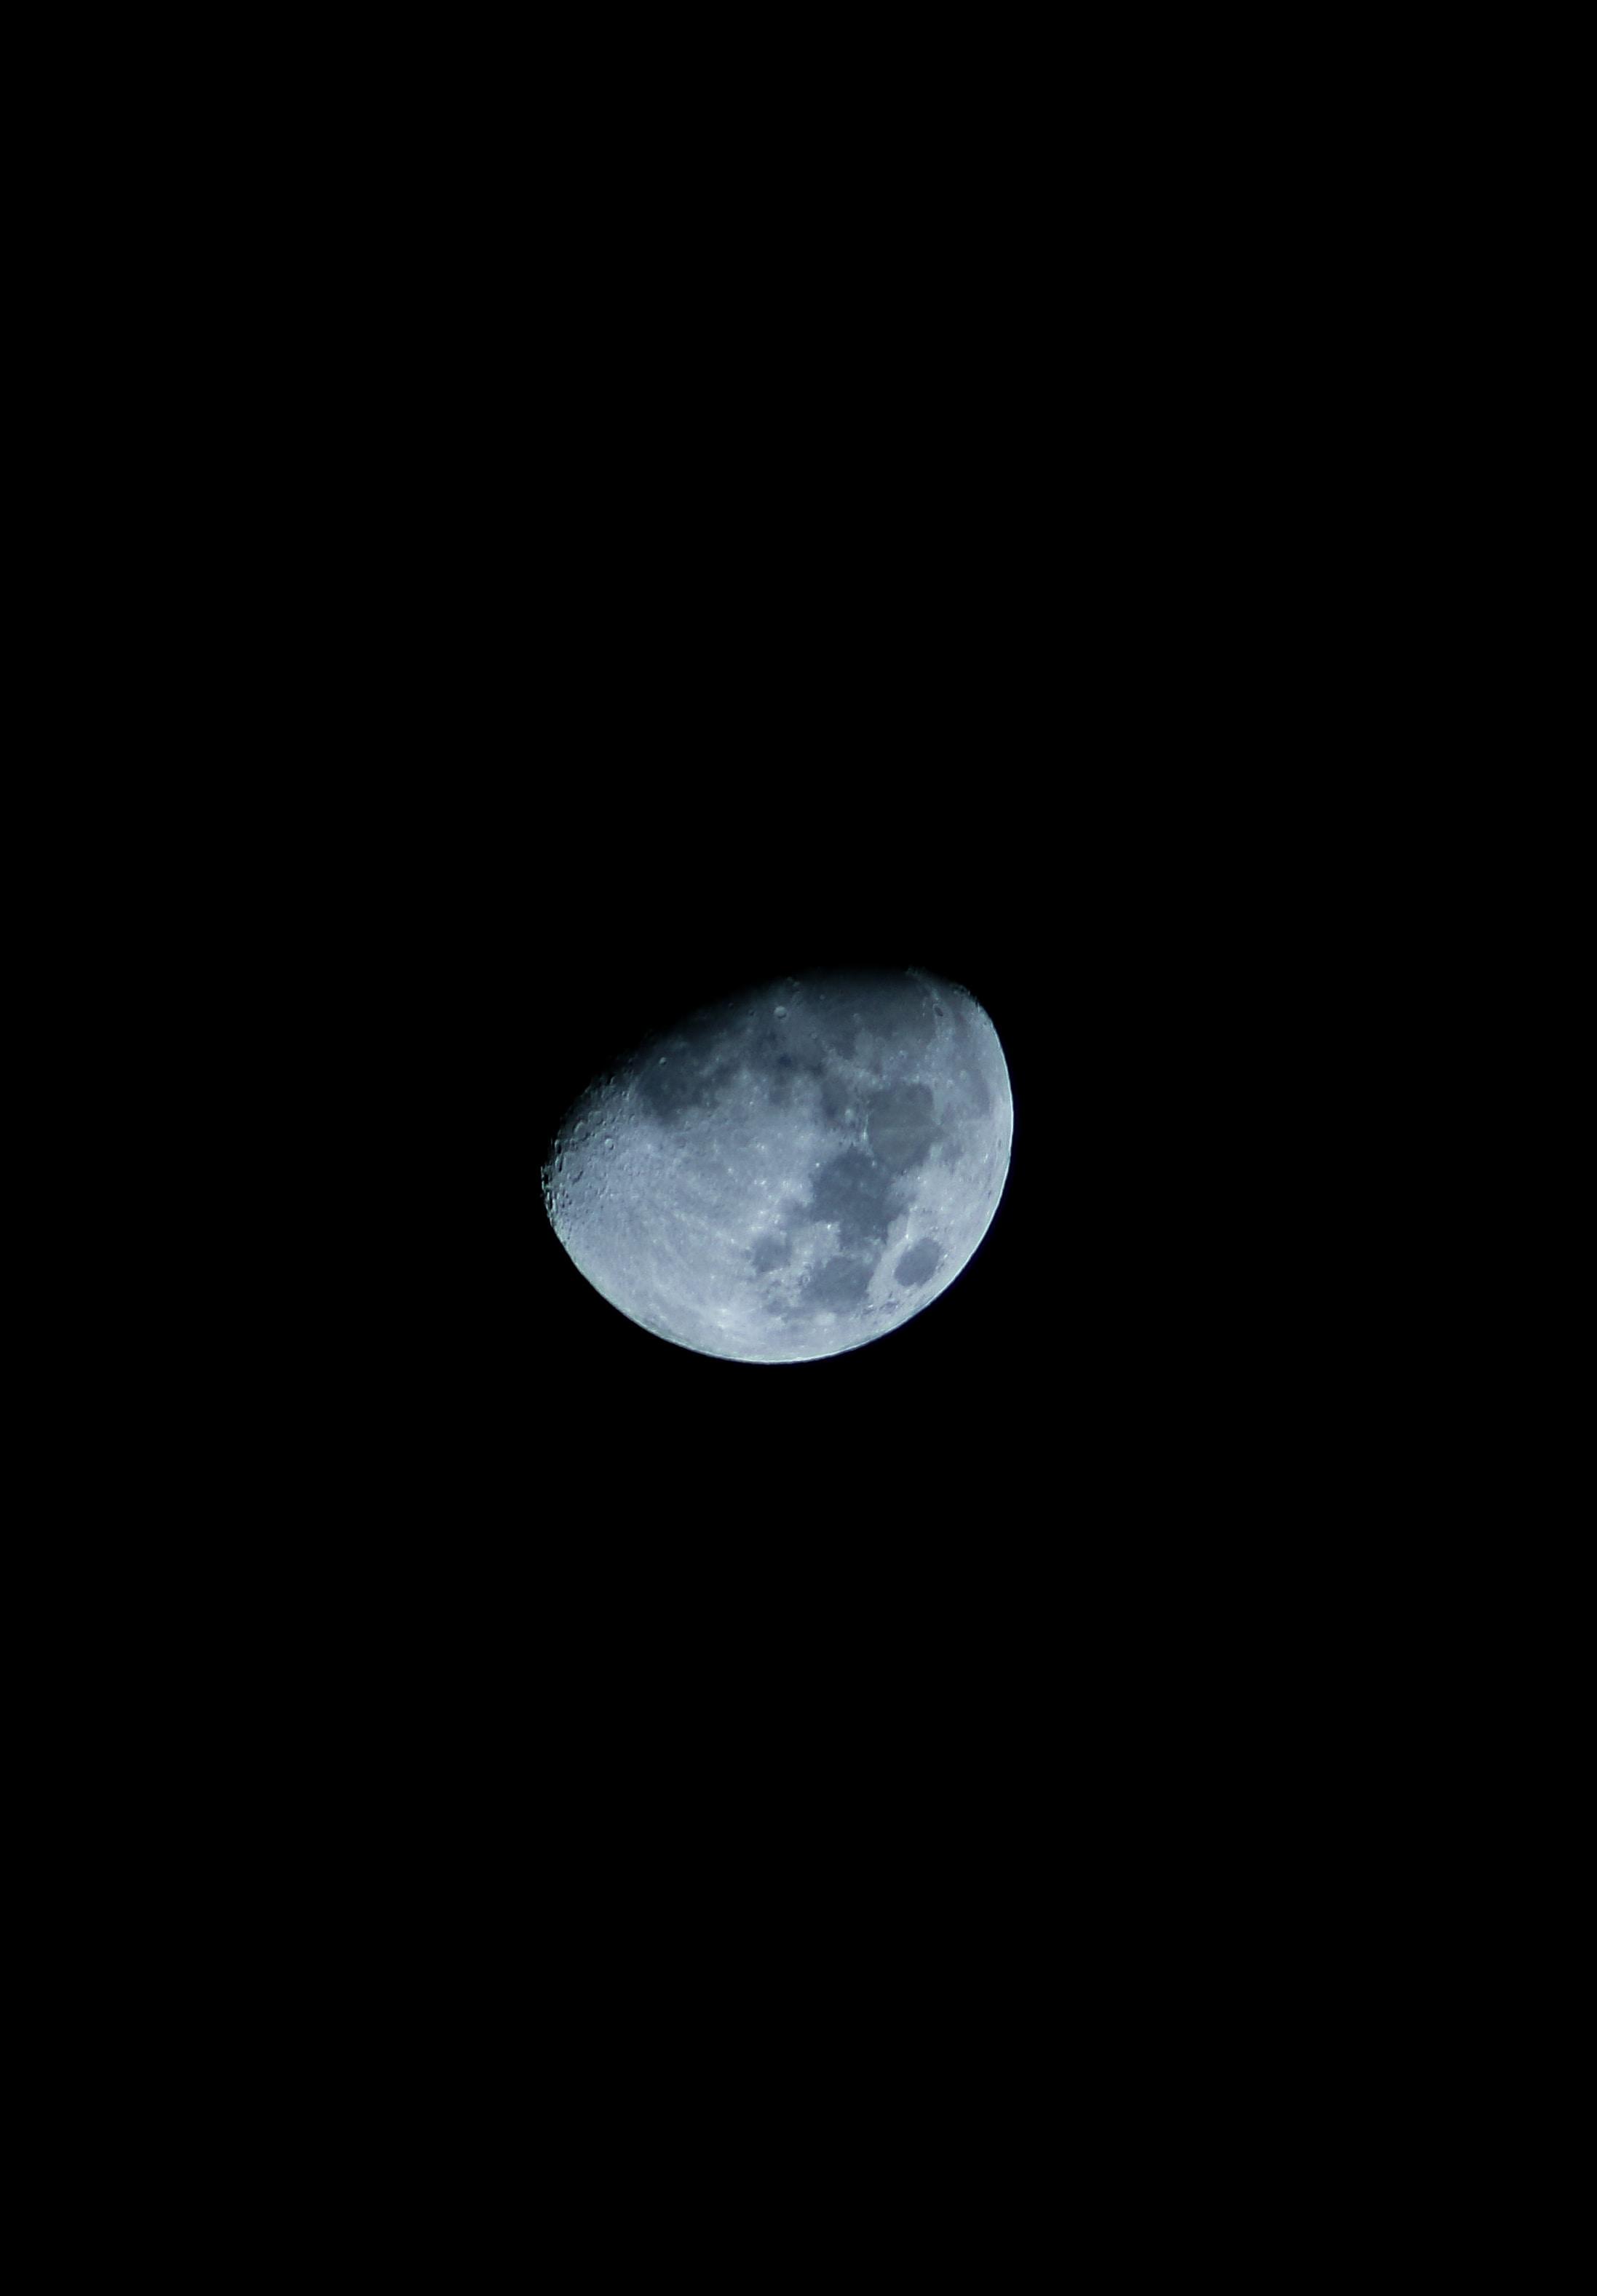 moon on night sky